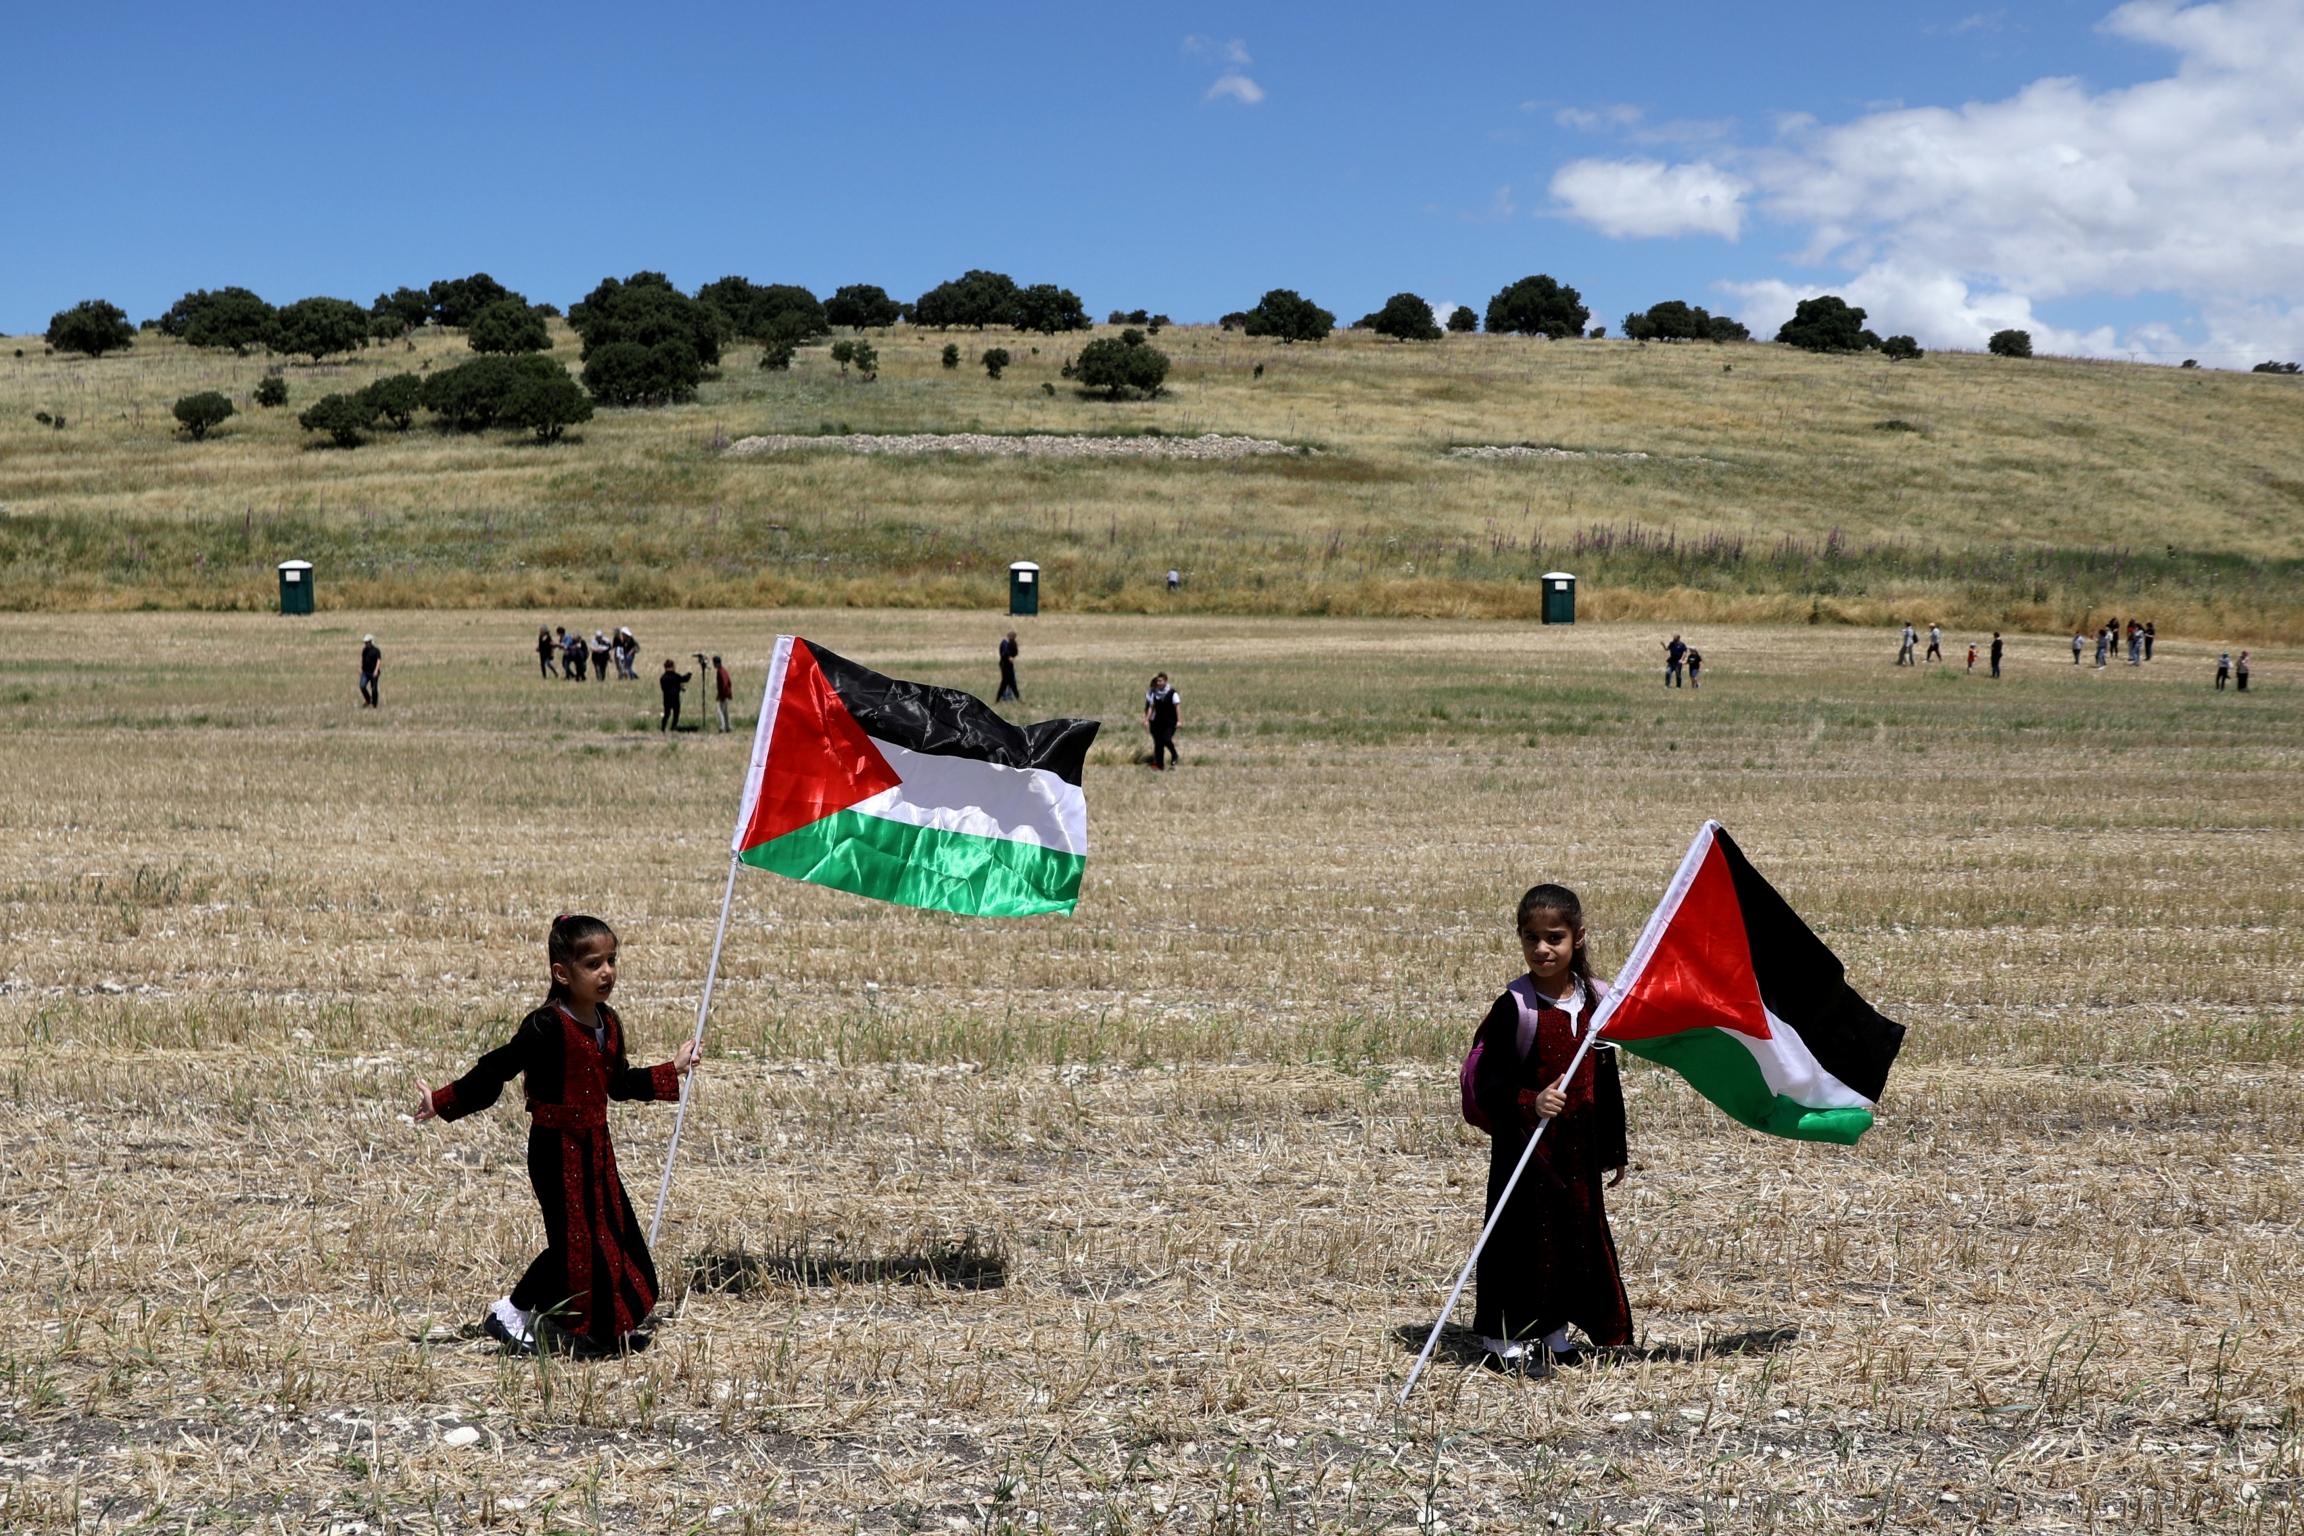 Children wave Palestinian flags in an open field.